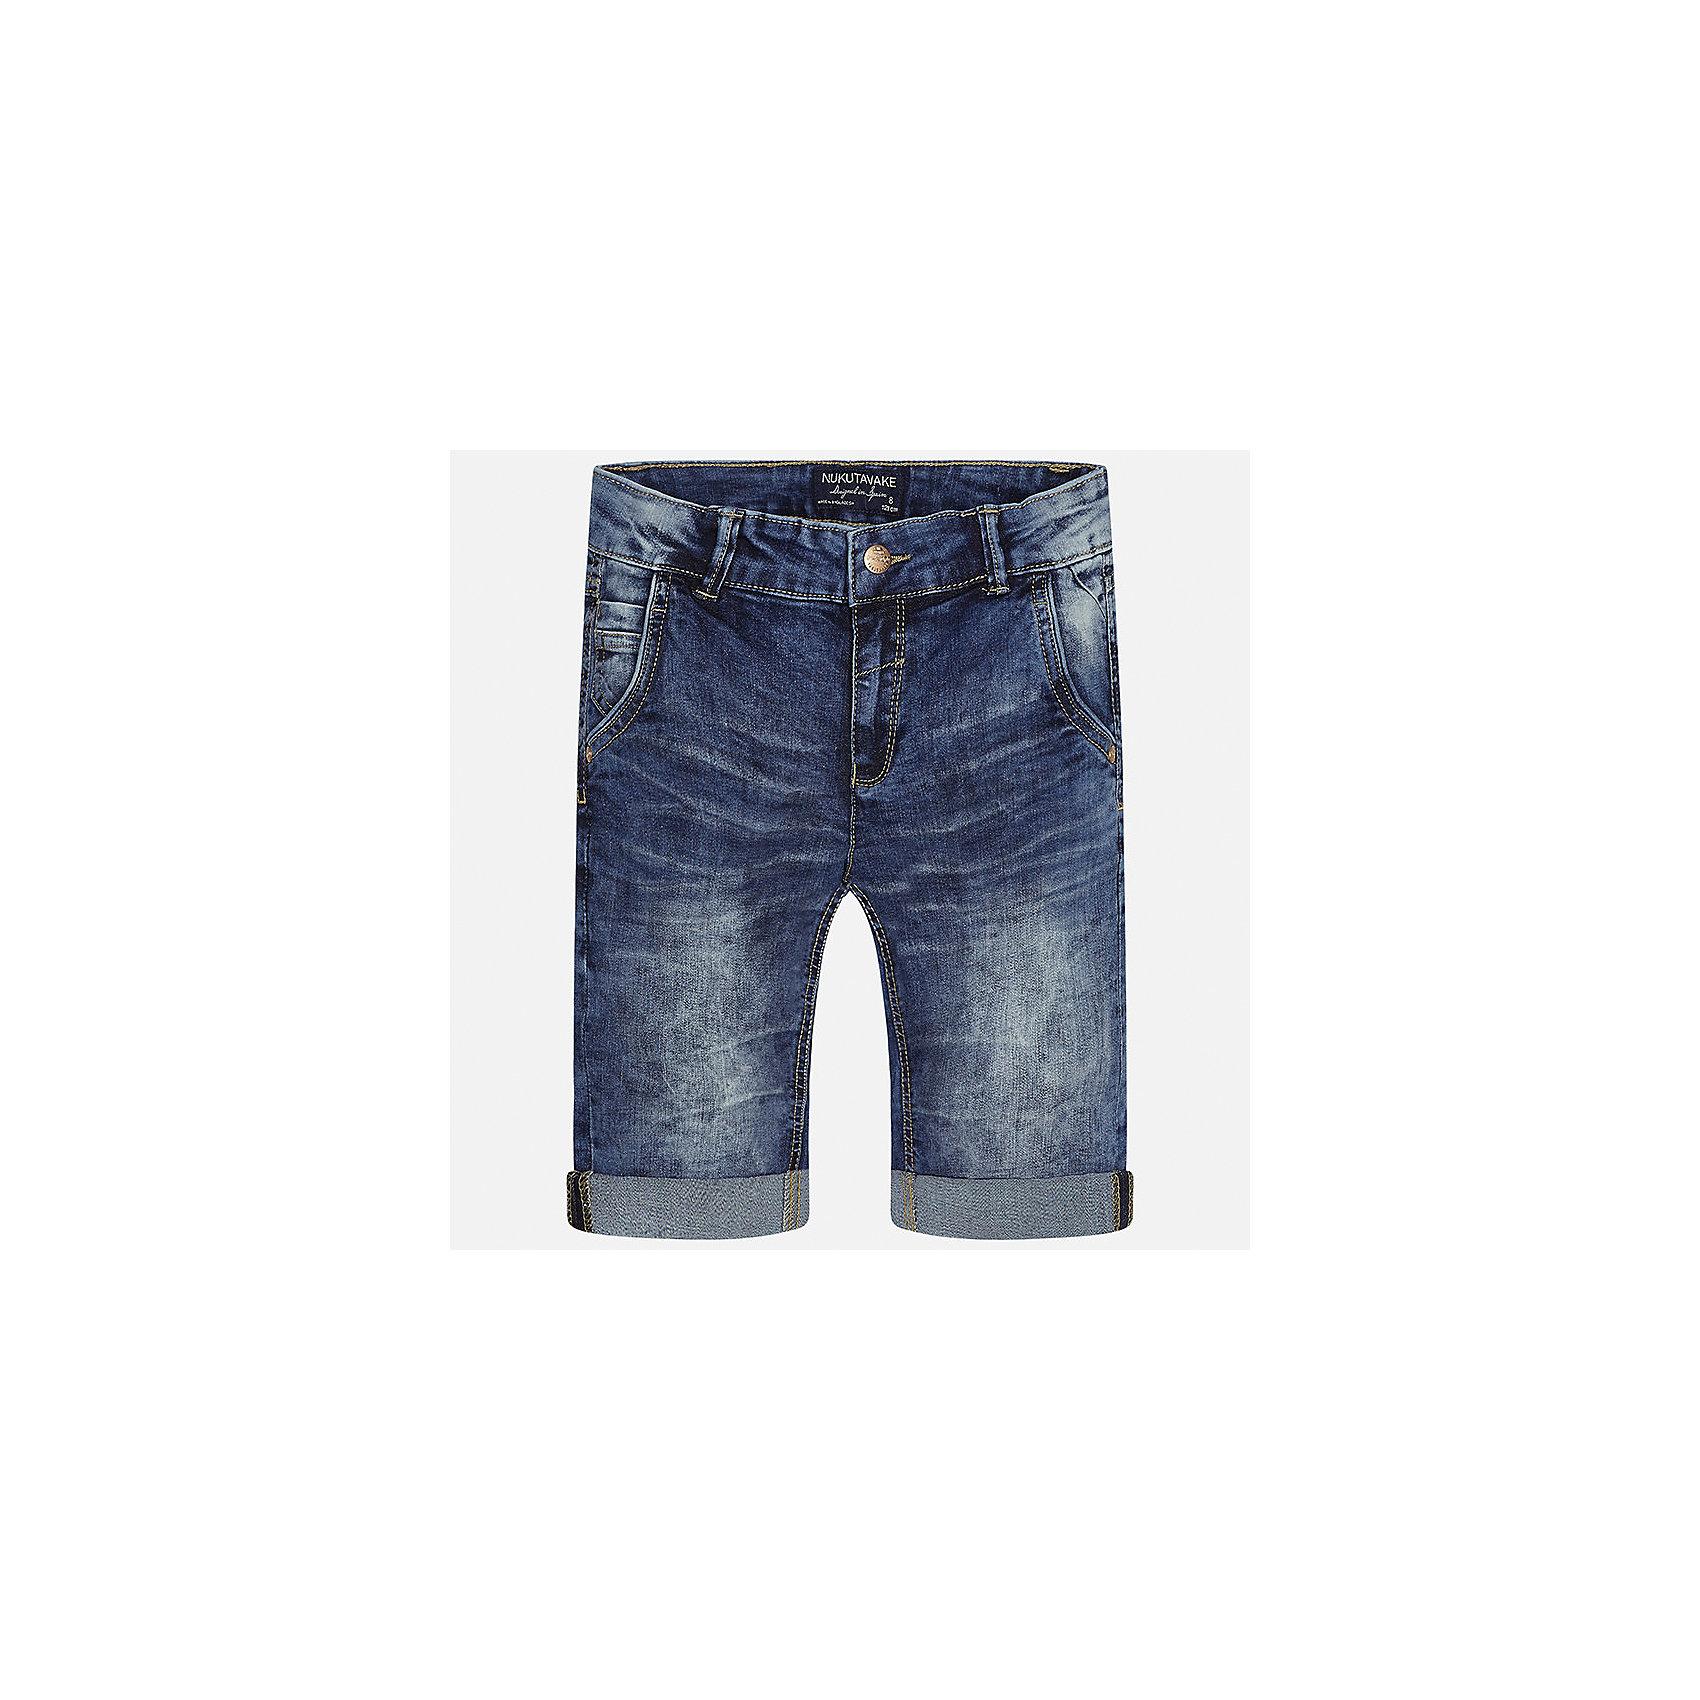 Бриджи джинсовые для мальчика MayoralШорты, бриджи, капри<br>Характеристики товара:<br><br>• цвет: синий<br>• состав: 76% хлопок, 22% полиэстер, 2% эластан<br>• шлевки<br>• карманы<br>• пояс с регулировкой объема<br>• отвороты<br>• страна бренда: Испания<br><br>Стильные бриджи для мальчика смогут стать базовой вещью в гардеробе ребенка. Они отлично сочетаются с майками, футболками, рубашками и т.д. Универсальный крой и цвет позволяет подобрать к вещи верх разных расцветок. Практичное и стильное изделие! В составе материала - натуральный хлопок, гипоаллергенный, приятный на ощупь, дышащий.<br><br>Одежда, обувь и аксессуары от испанского бренда Mayoral полюбились детям и взрослым по всему миру. Модели этой марки - стильные и удобные. Для их производства используются только безопасные, качественные материалы и фурнитура. Порадуйте ребенка модными и красивыми вещами от Mayoral! <br><br>Бриджи для мальчика от испанского бренда Mayoral (Майорал) можно купить в нашем интернет-магазине.<br><br>Ширина мм: 191<br>Глубина мм: 10<br>Высота мм: 175<br>Вес г: 273<br>Цвет: синий<br>Возраст от месяцев: 84<br>Возраст до месяцев: 96<br>Пол: Мужской<br>Возраст: Детский<br>Размер: 128/134,170,164,158,152,140<br>SKU: 5281755